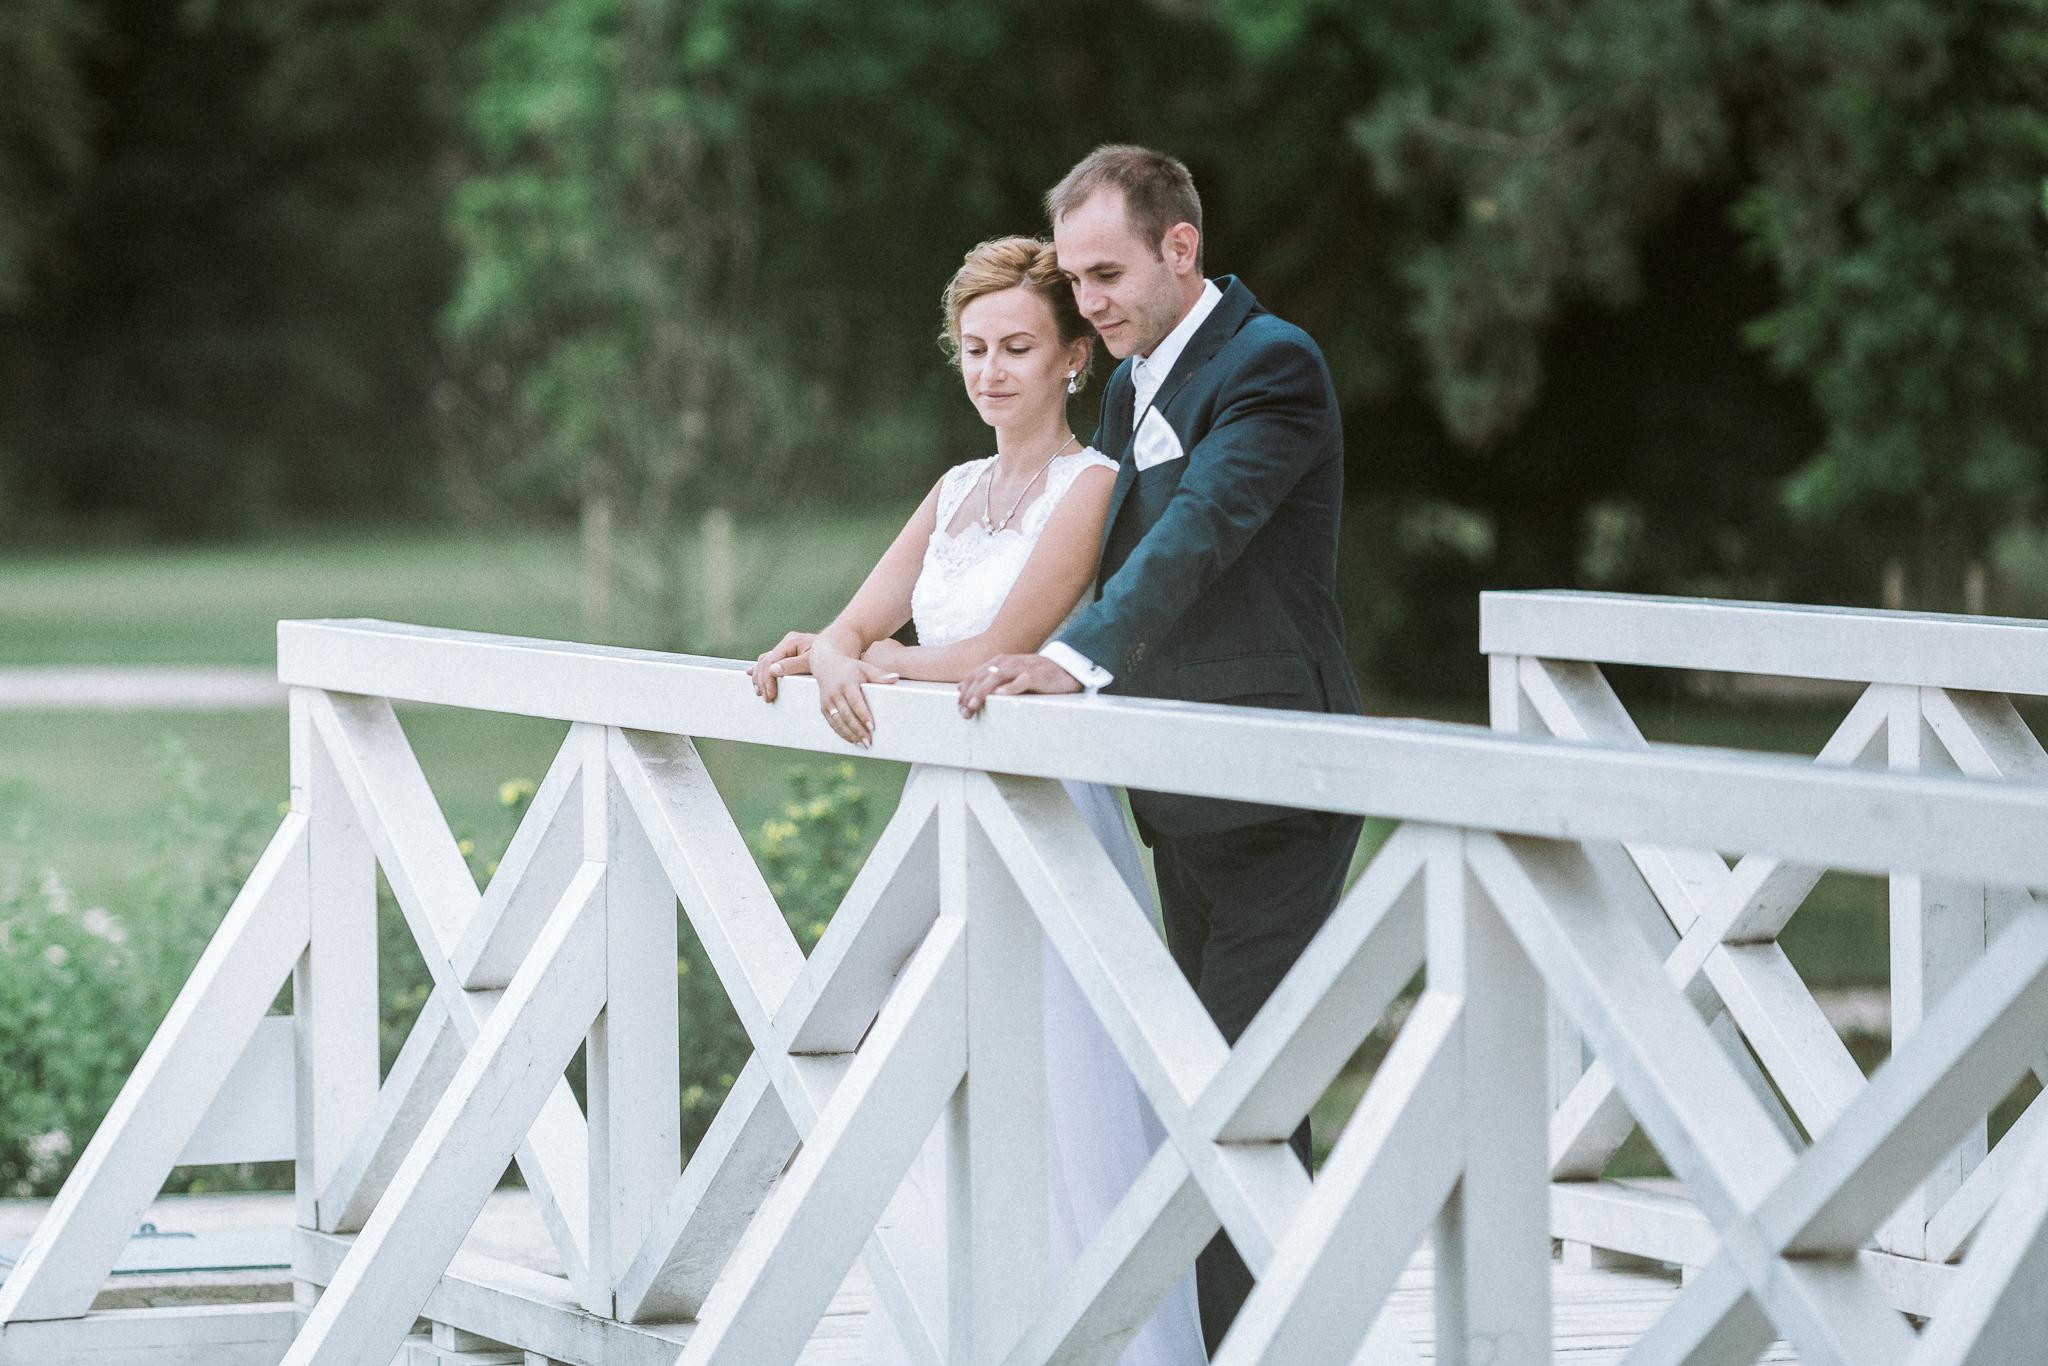 FylepPhoto, esküvőfotós, esküvői fotós Körmend, Szombathely, esküvőfotózás, magyarország, vas megye, prémium, jegyesfotózás, Fülöp Péter, körmend, kreatív, fotográfus_38-2.jpg